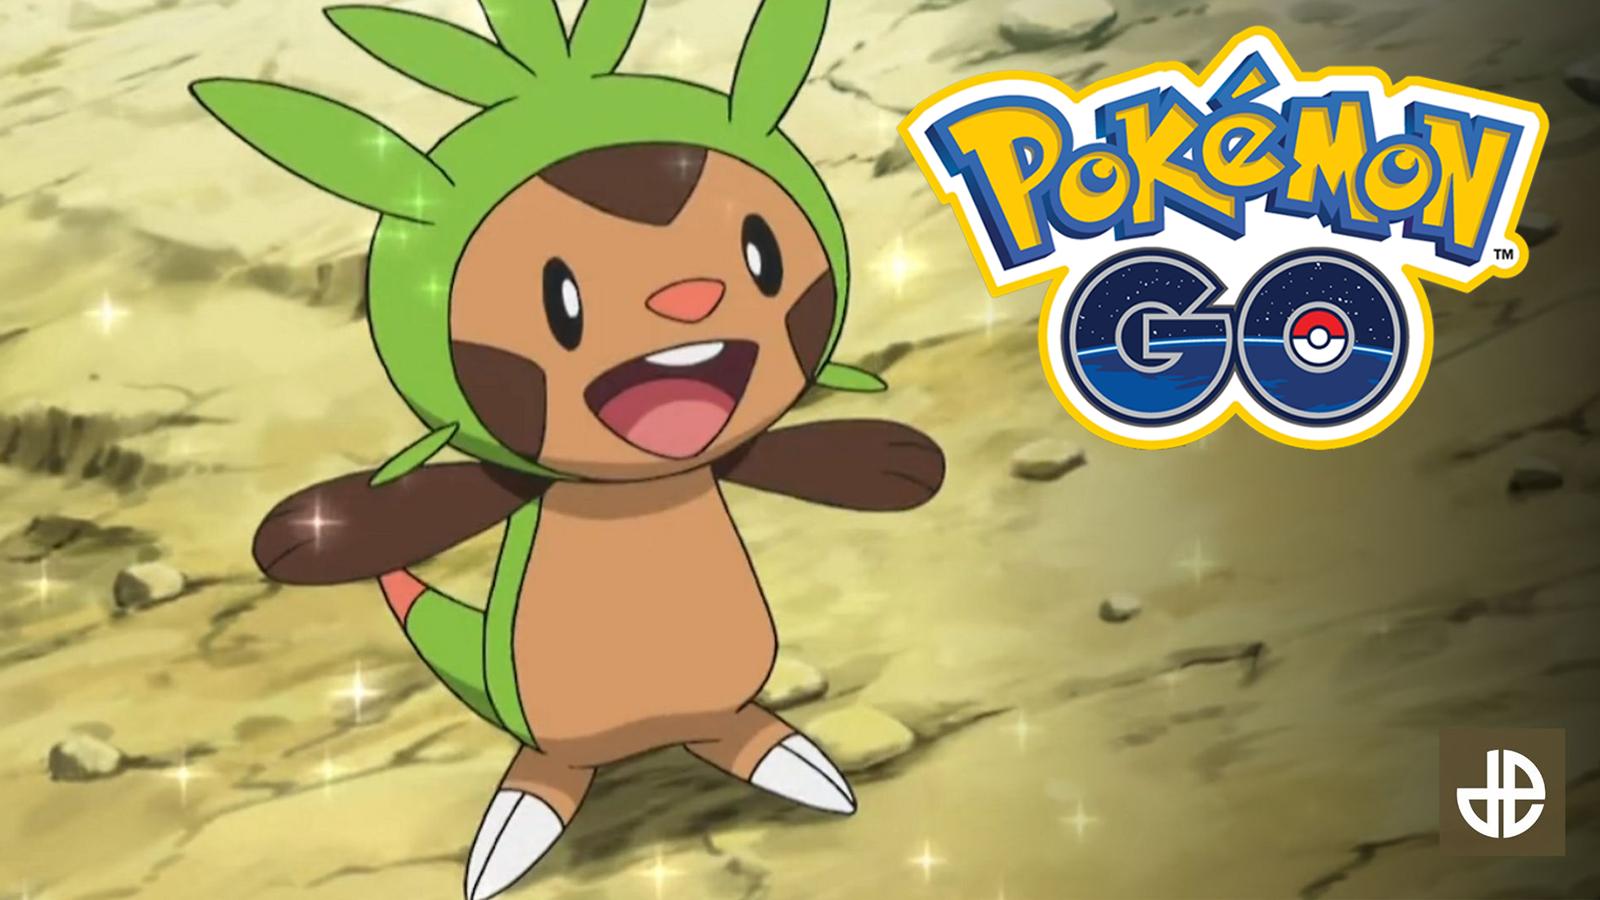 Kalos Pokemon Chespin celebrates next to Pokemon Go logo.